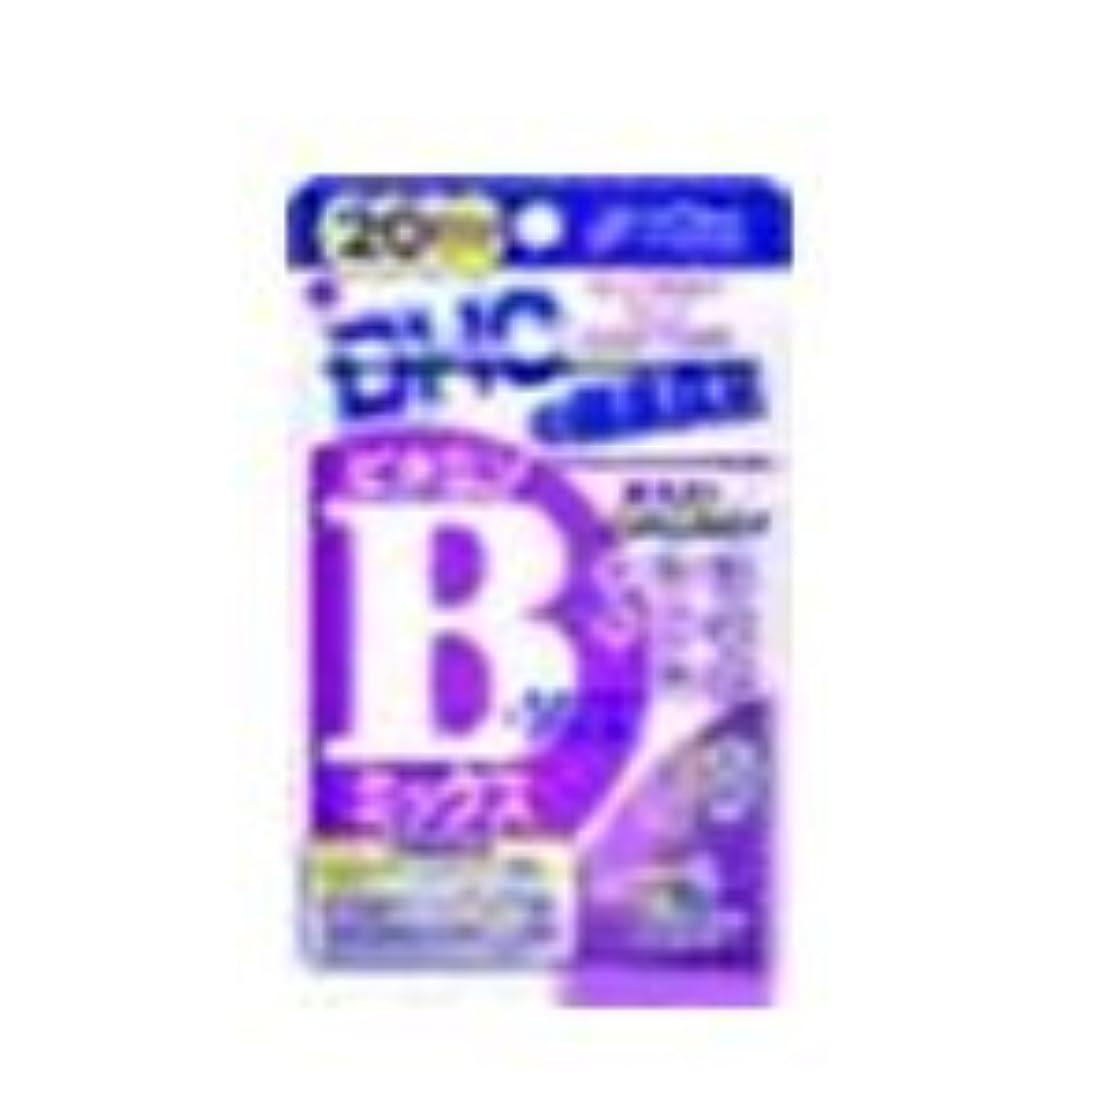 快い繊維閉塞DHC ビタミンBミックス 20粒 (20日分)